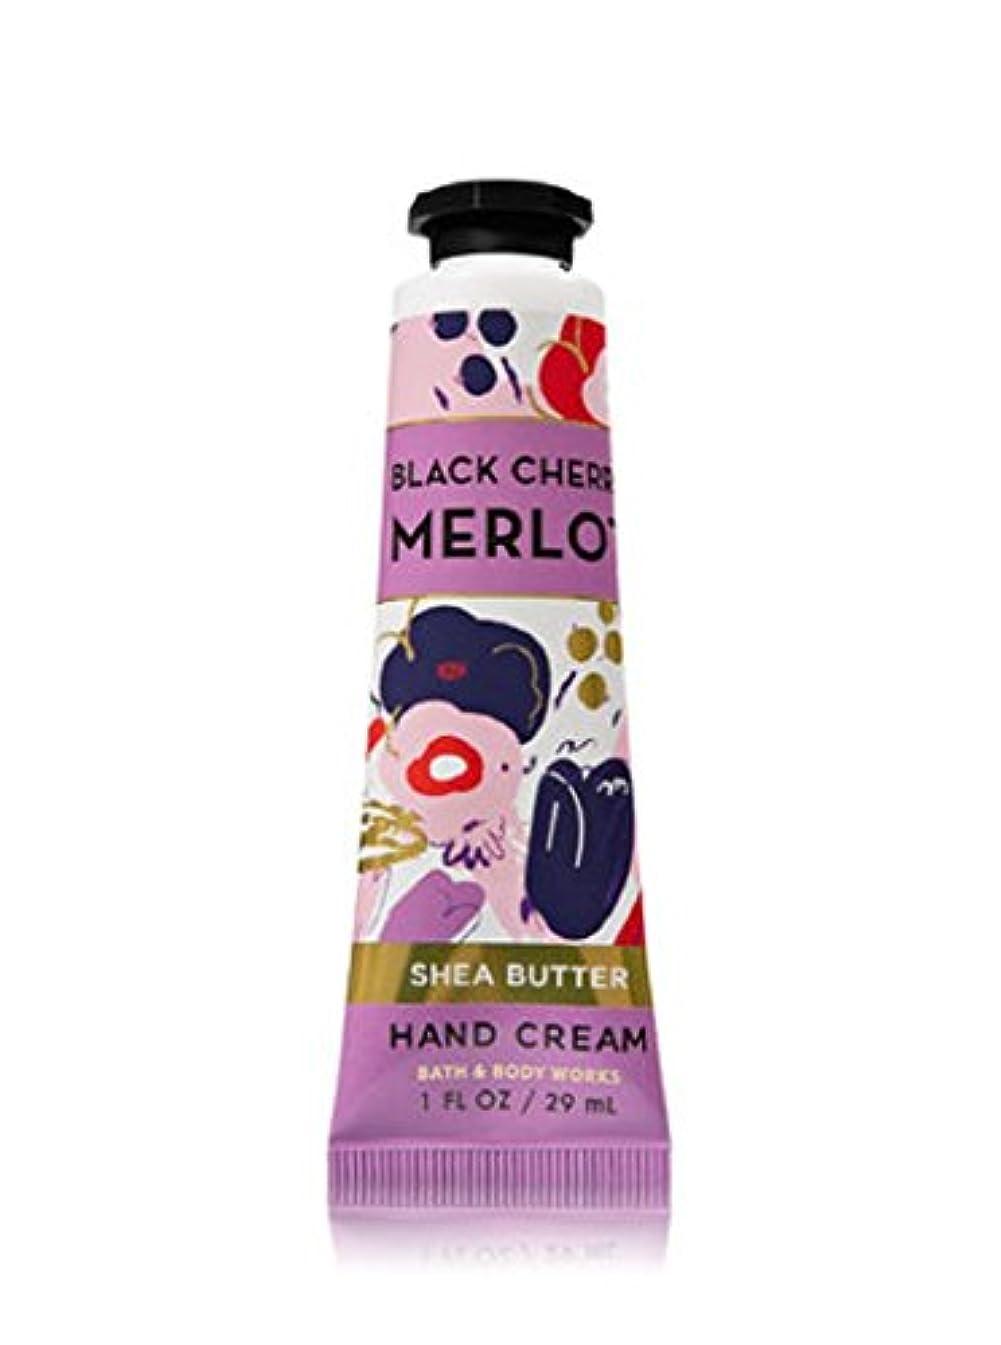 バス&ボディワークス ブラックチェリー マーロット ハンドクリーム Black Cherry Merlot Hand Cream